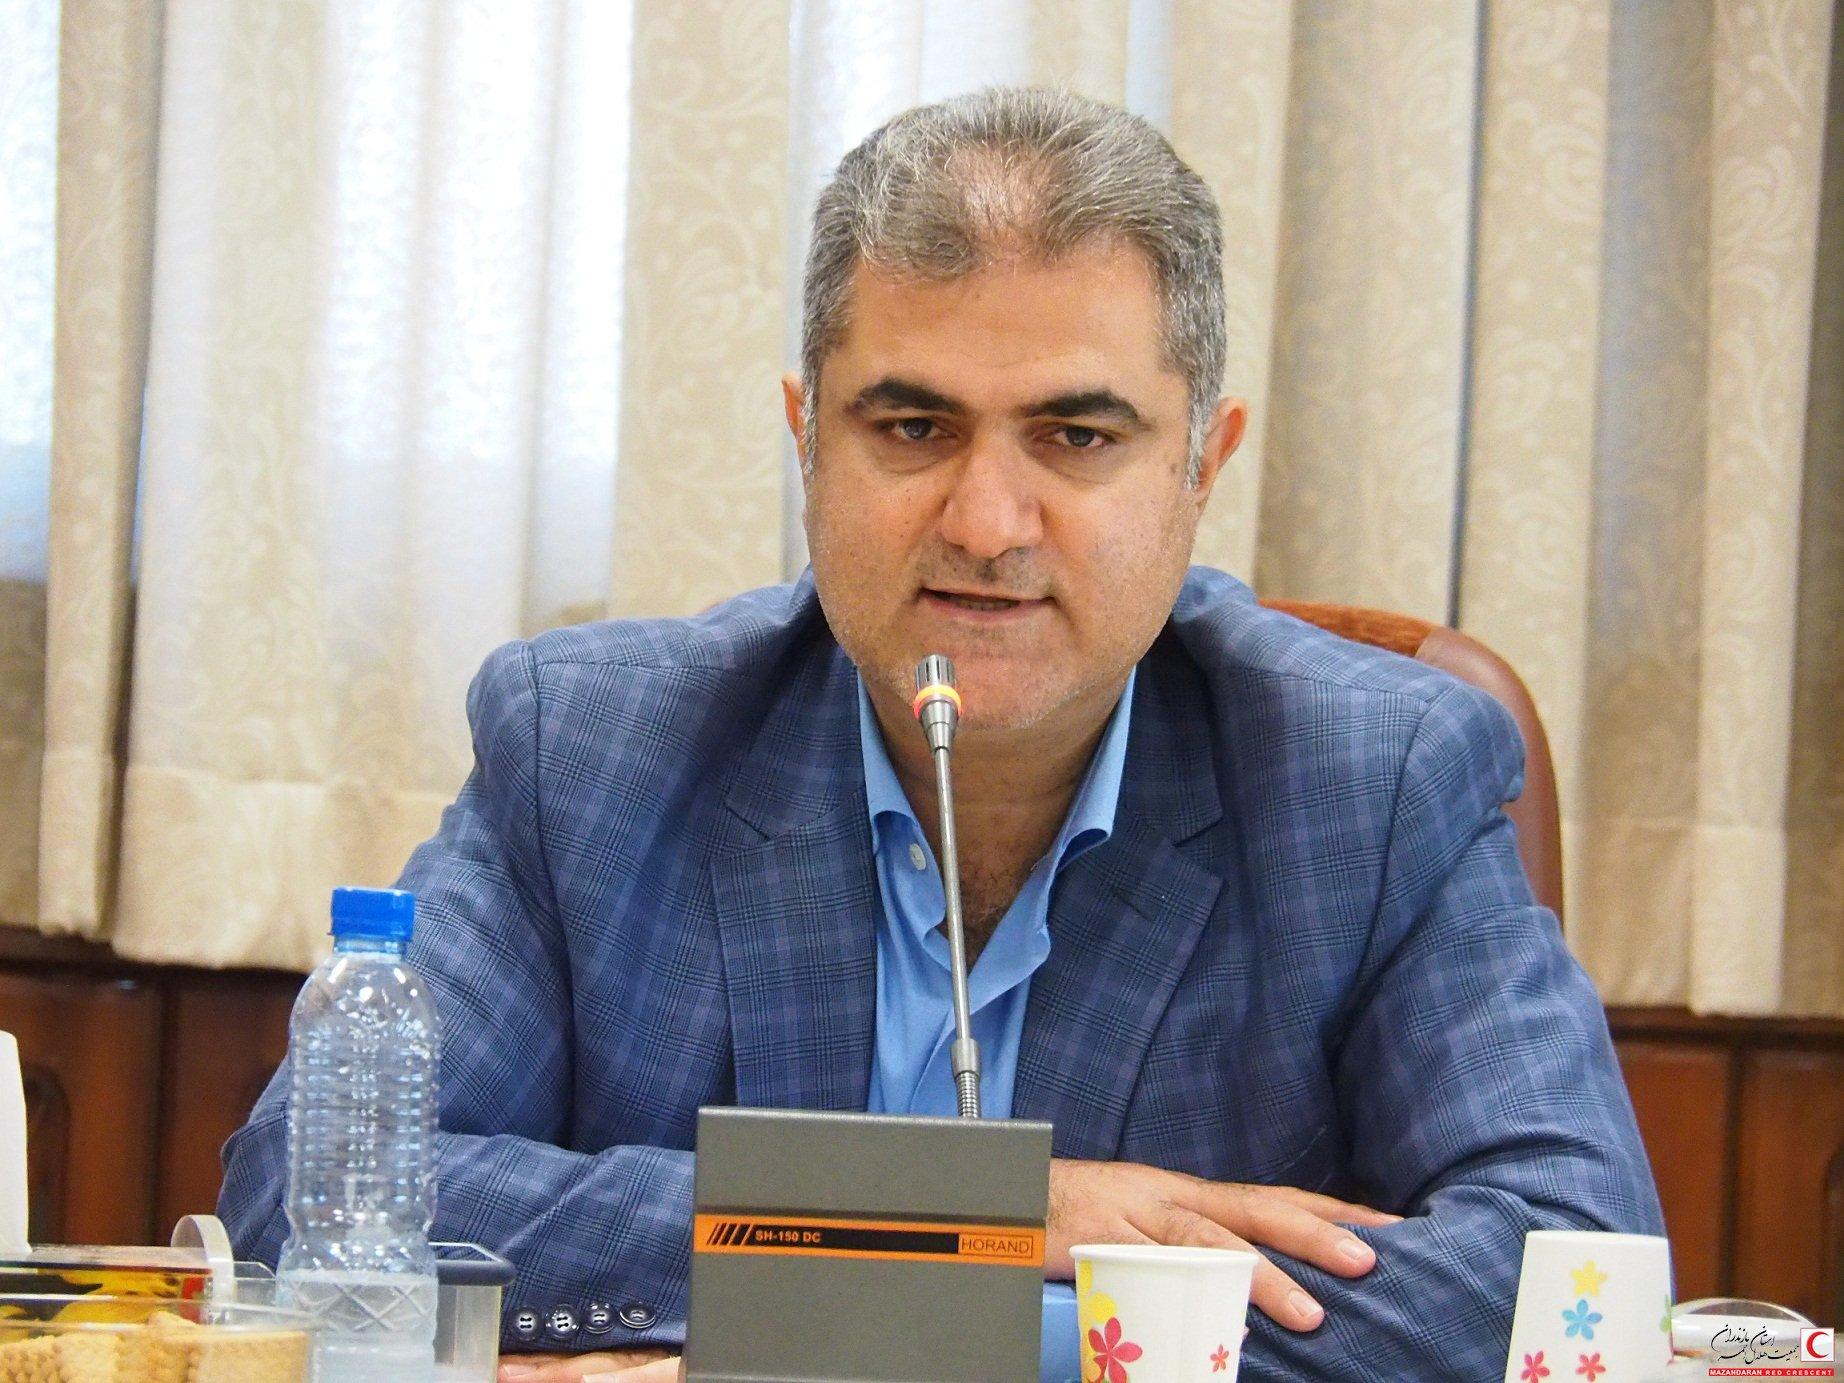 معاون عمرانی استاندار مازندران: نیروگاه زباله سوز نوشهر تا پایان سال وارد مدار می شود